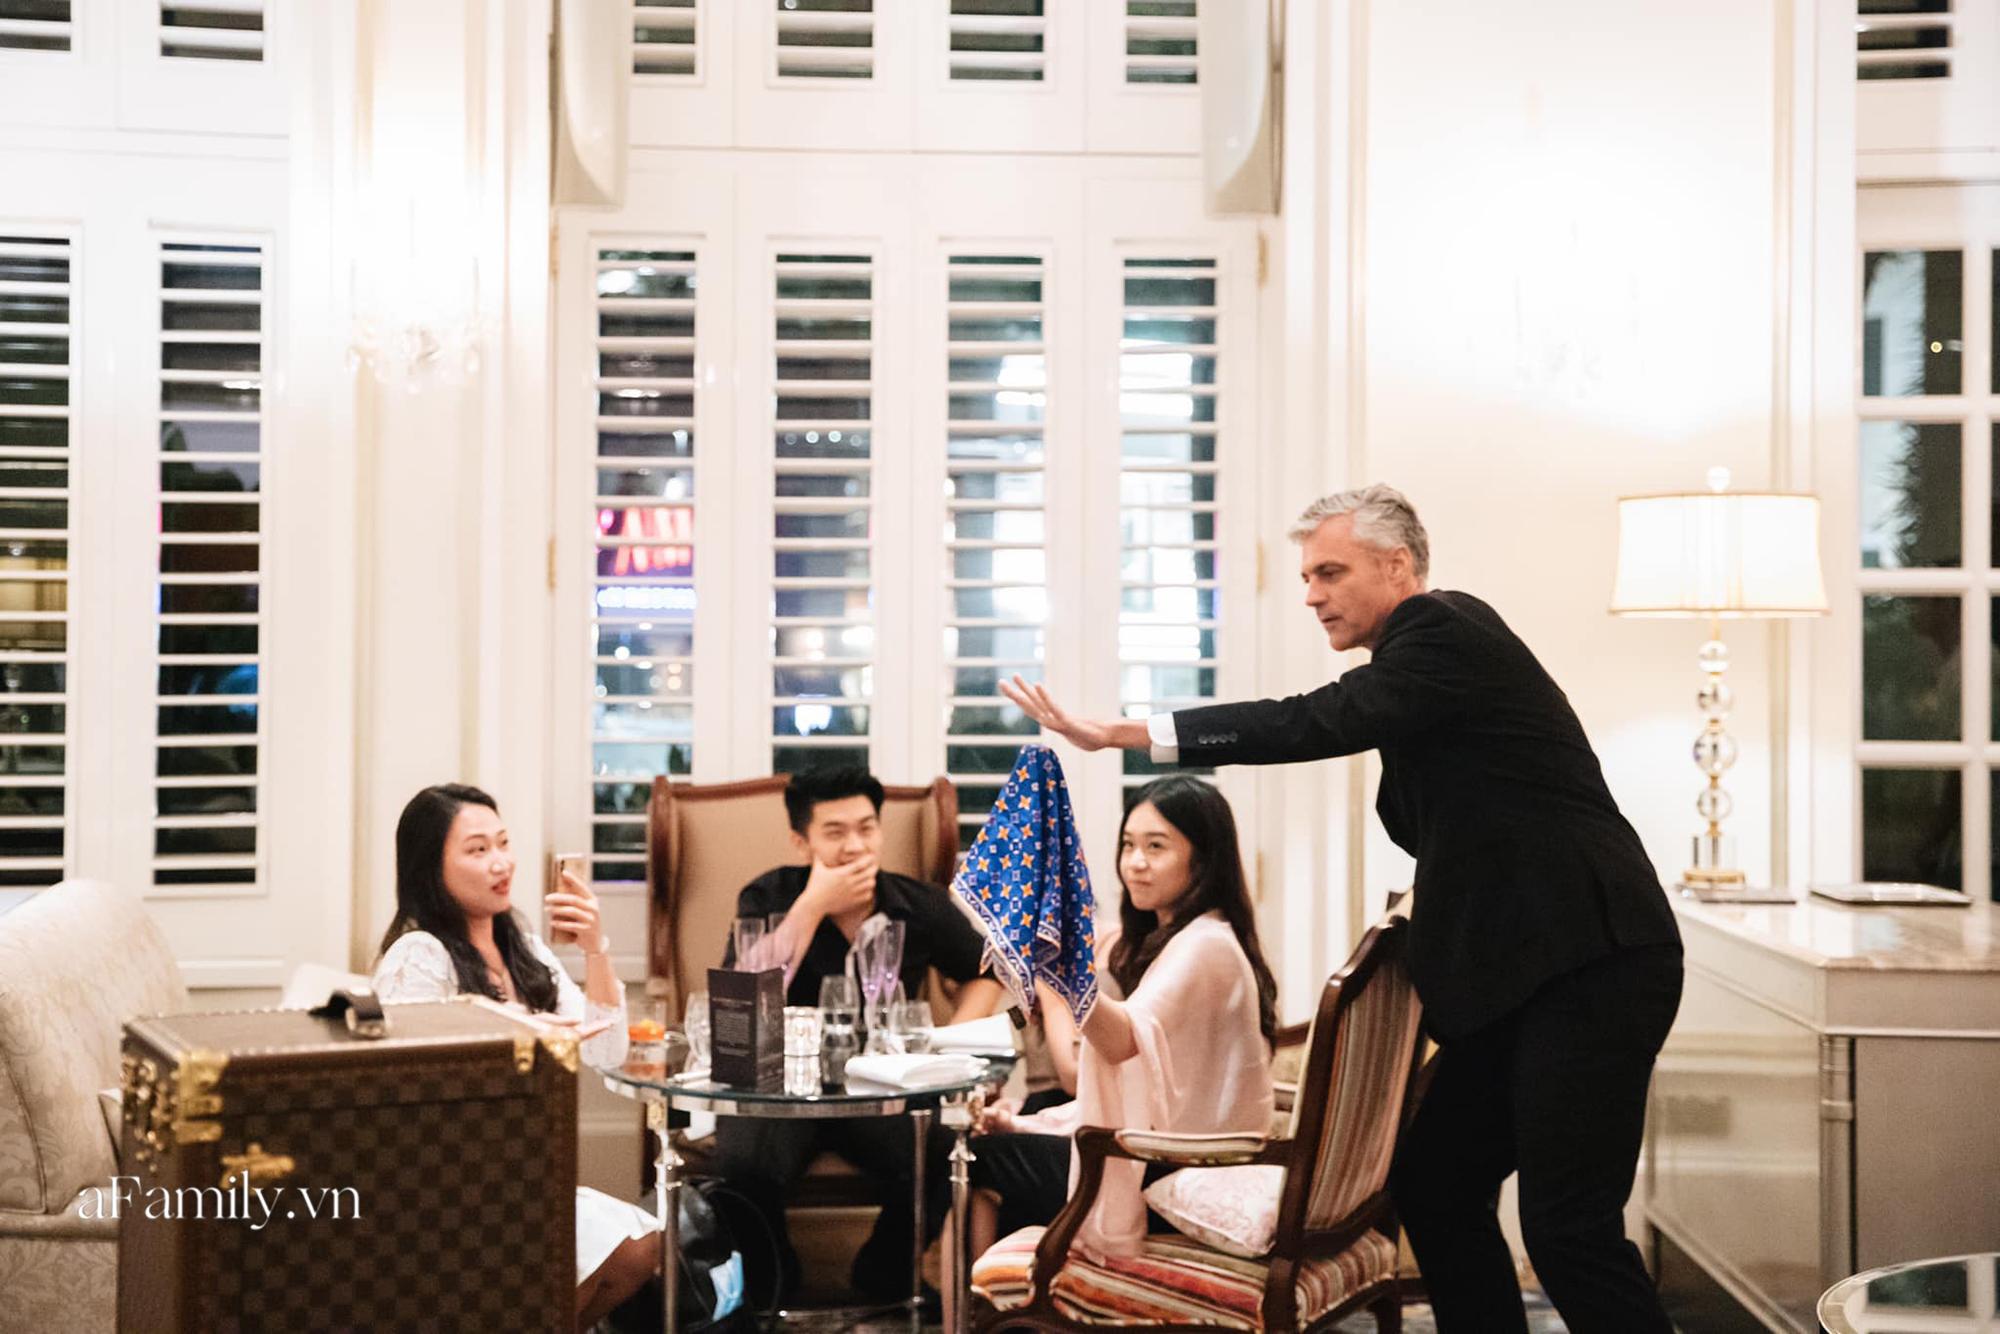 """Người Sài Gòn giải trí thời Covid, các buổi tiệc """"giới hạn số lượng"""" lên ngôi với gần 4 triệu đồng/người để vừa ăn tối vừa xem ảo thuật trong 2 tiếng - Ảnh 1."""